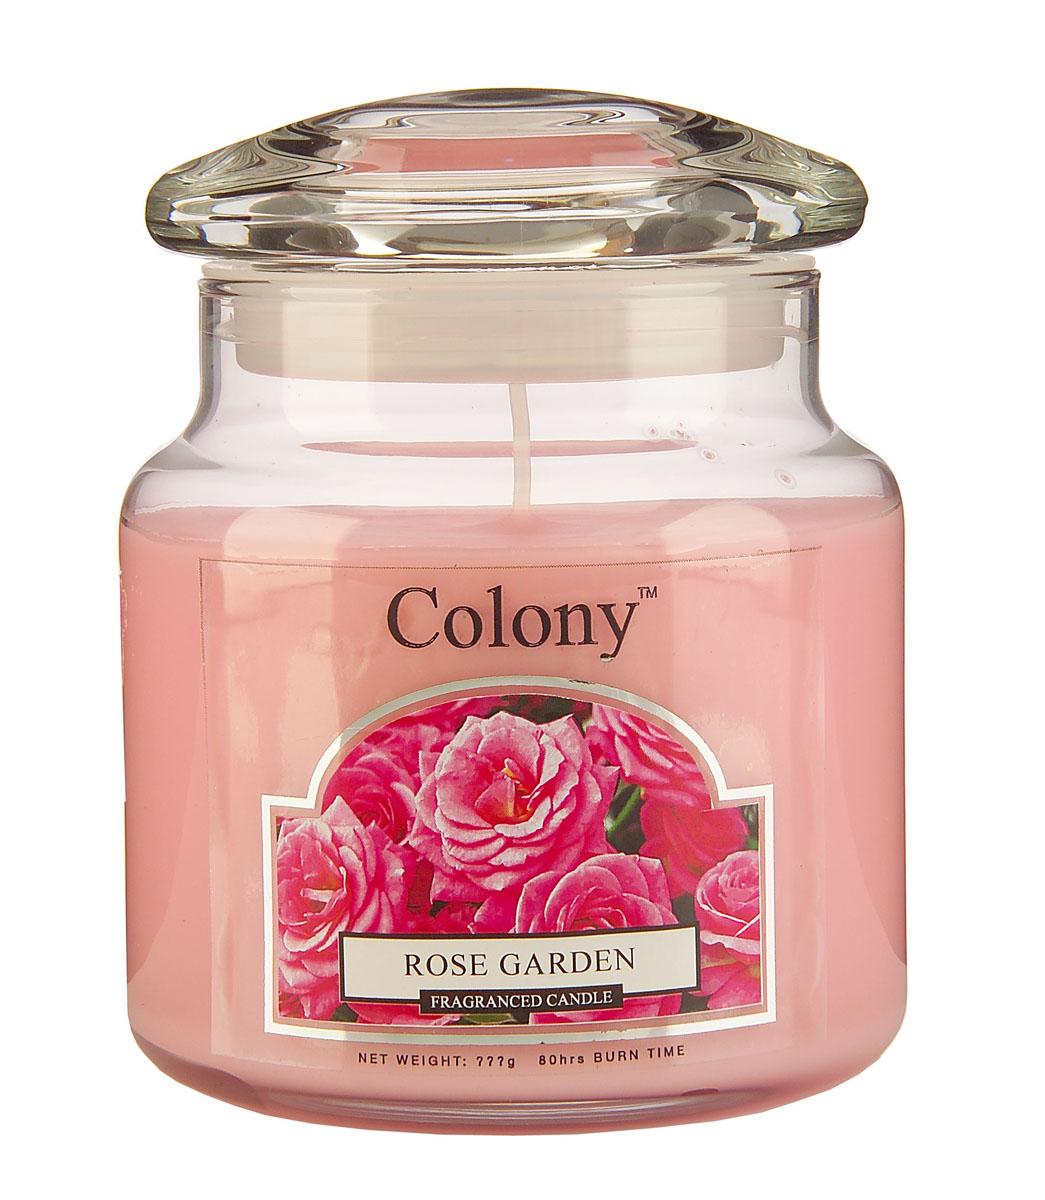 Wax Lyrical Розовый сад ароматизированная свеча в стекле средняя, 90 часовCH0724Узнаваемый аромат свежесрезанных роз, переплетающийся с нотками гардении. Уважаемые клиенты! Обращаем ваше внимание на возможные изменения в дизайне упаковки. Поставка осуществляется в зависимости от наличия на складе.